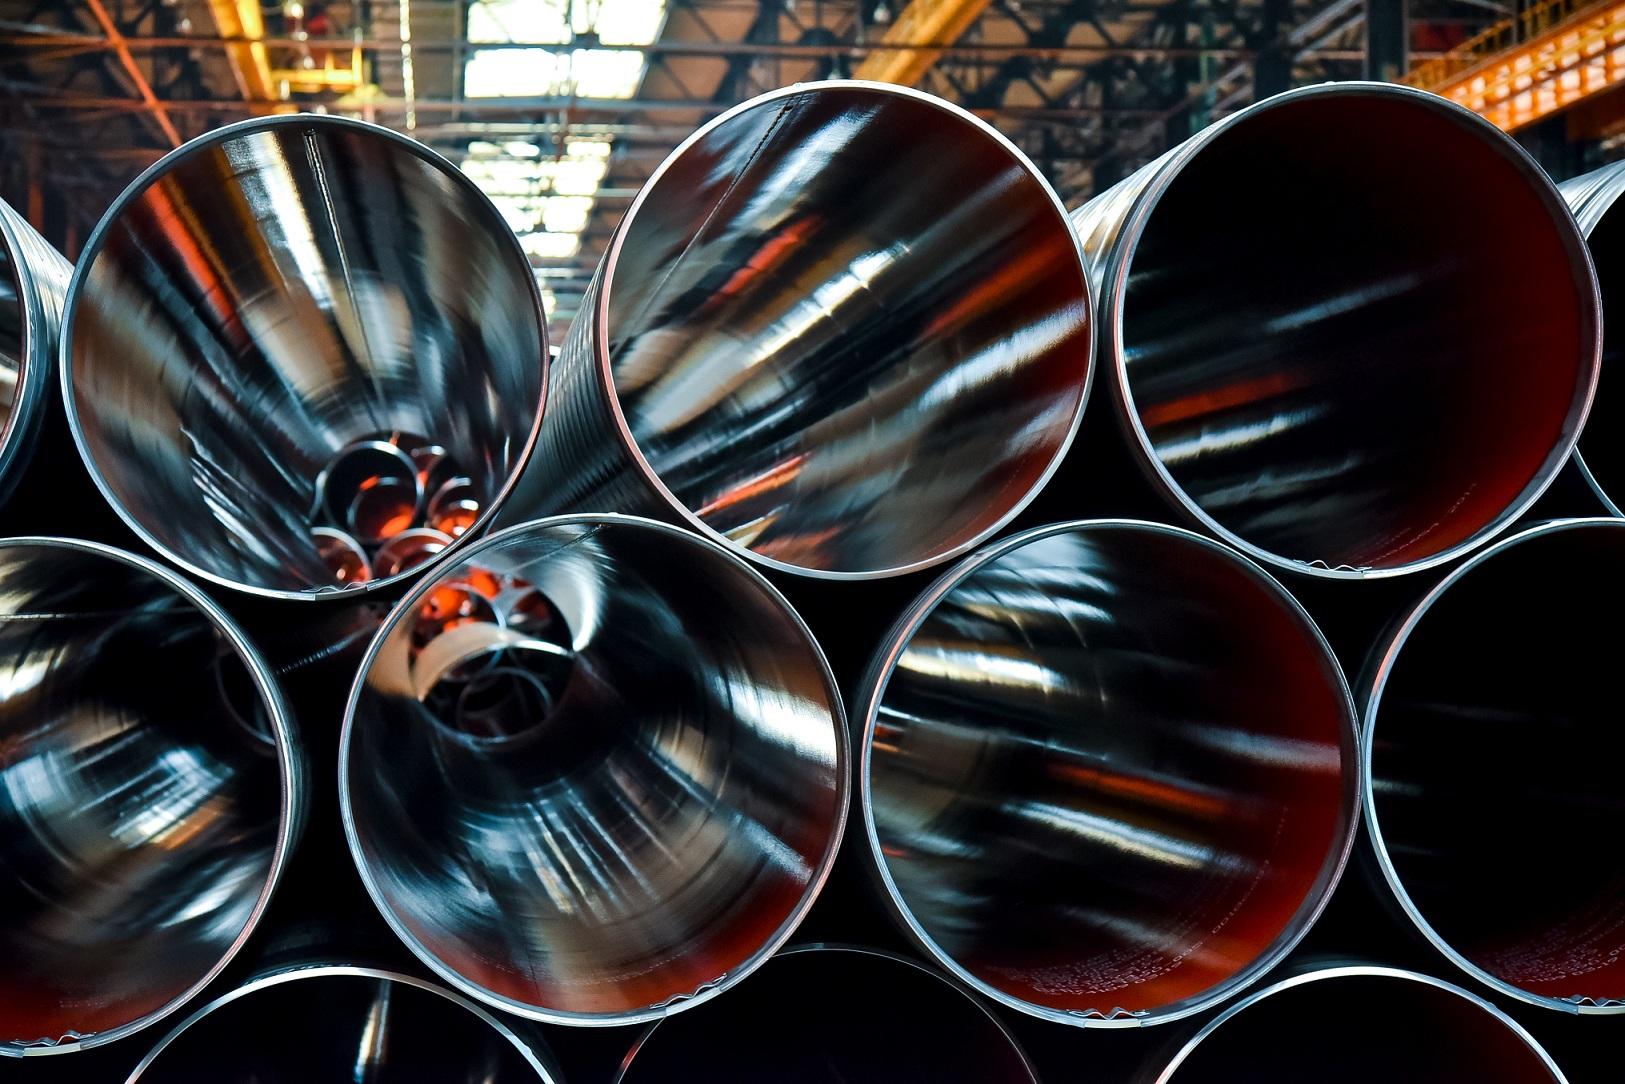 Группа ЧТПЗ поставит 130 тысяч тонн труб для газопровода «Сарыарка» в Казахстане